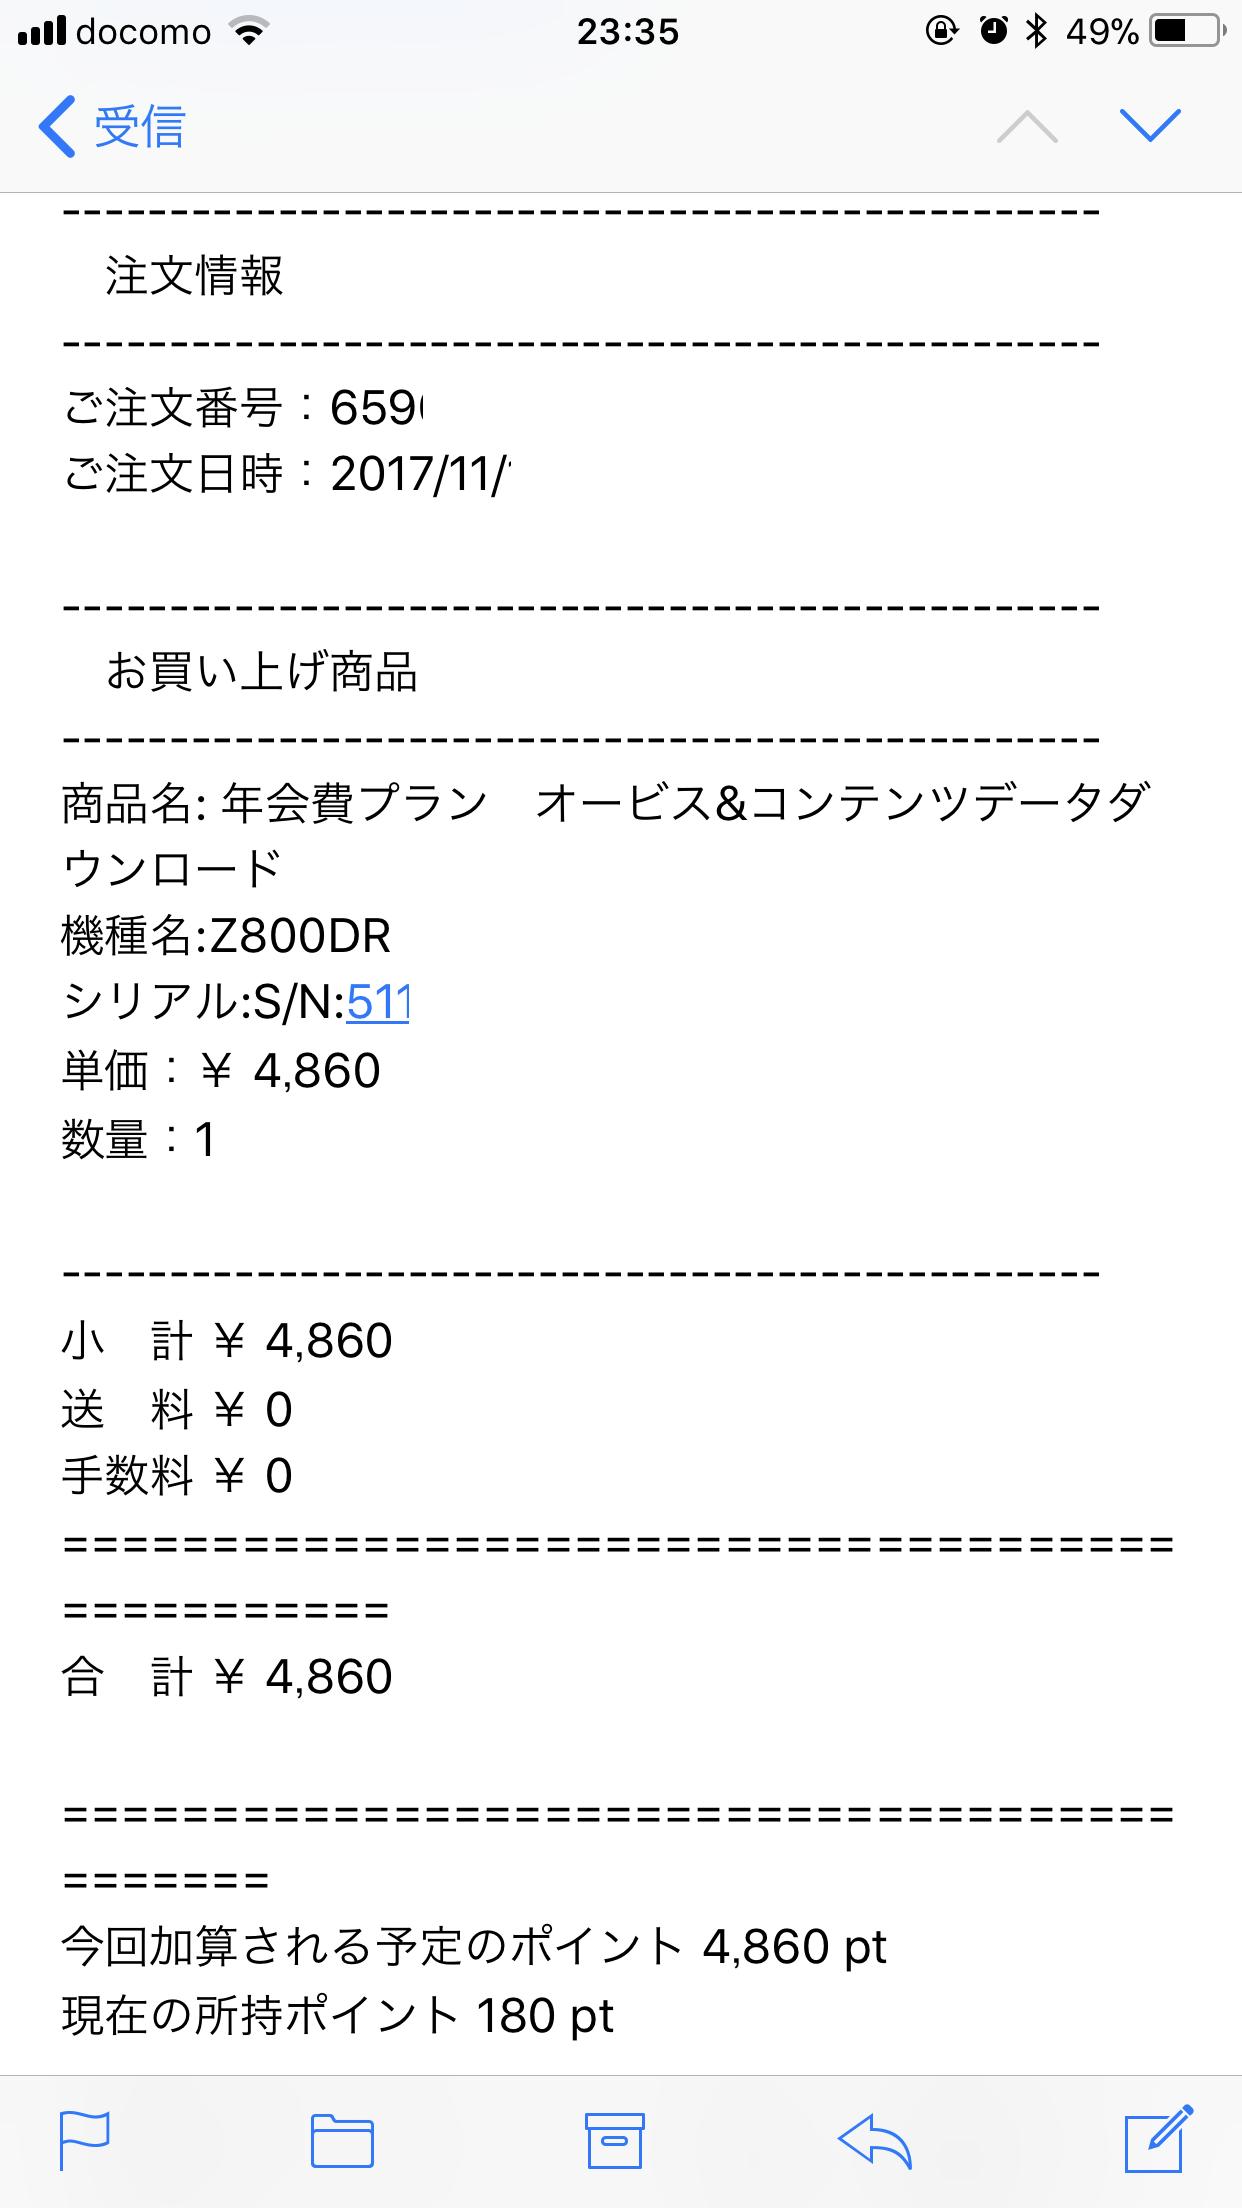 Yupiteruのレー探&ドラレコZ800DRのオービスデータ年会費プランを更新しました。